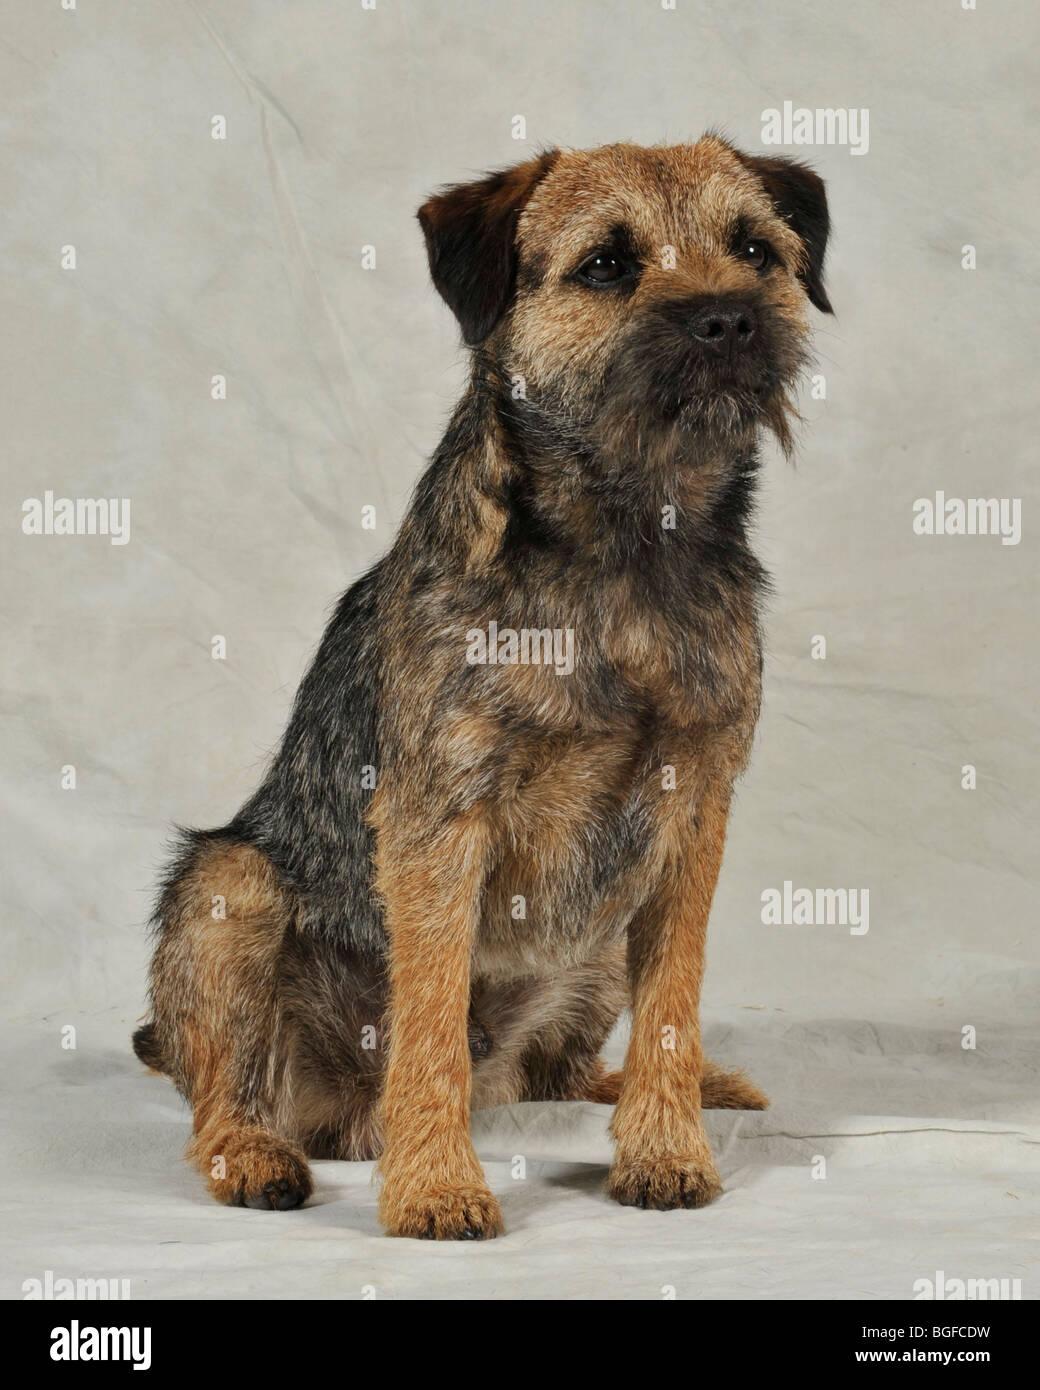 border terrier dog - Stock Image